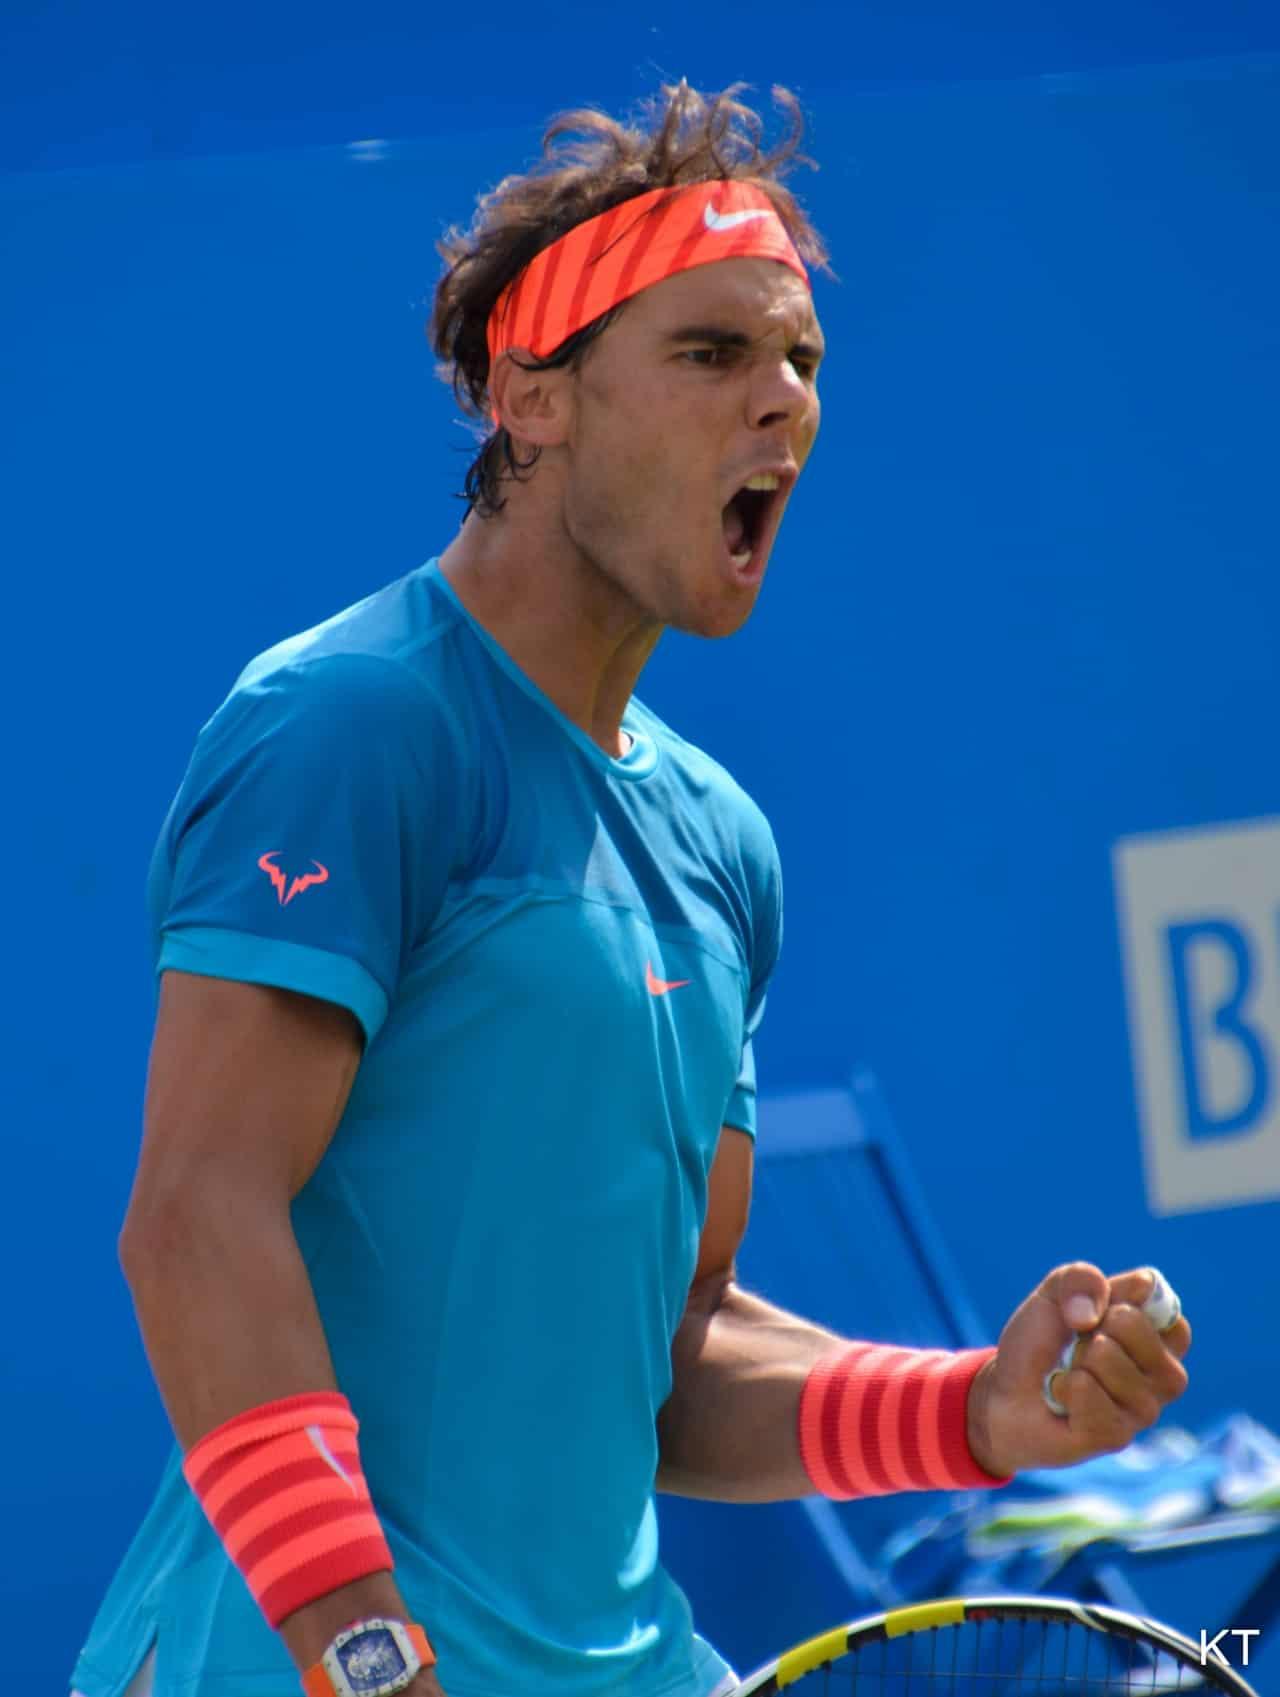 Rafa_Nadal_Vital Coaching Barcelona